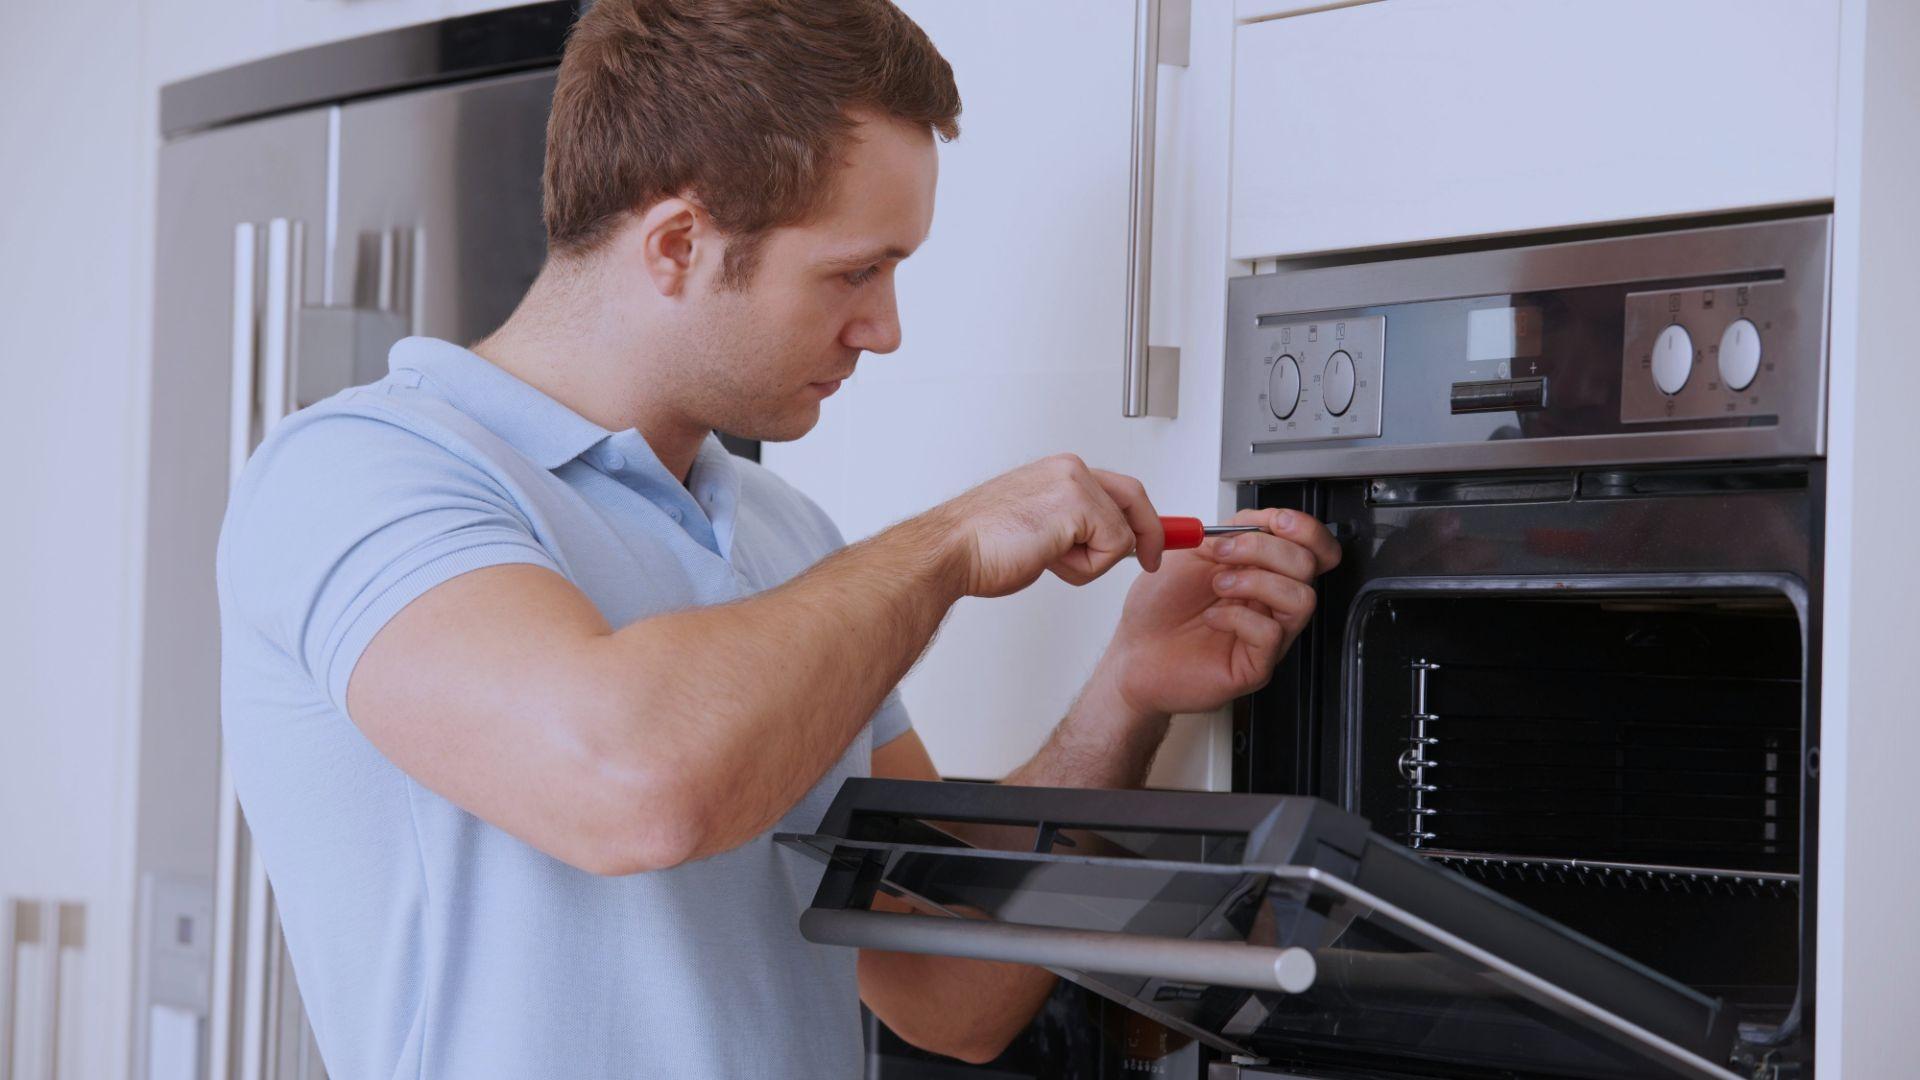 Reparación de electrodomésticos en Santa Cruz de Tenerfe